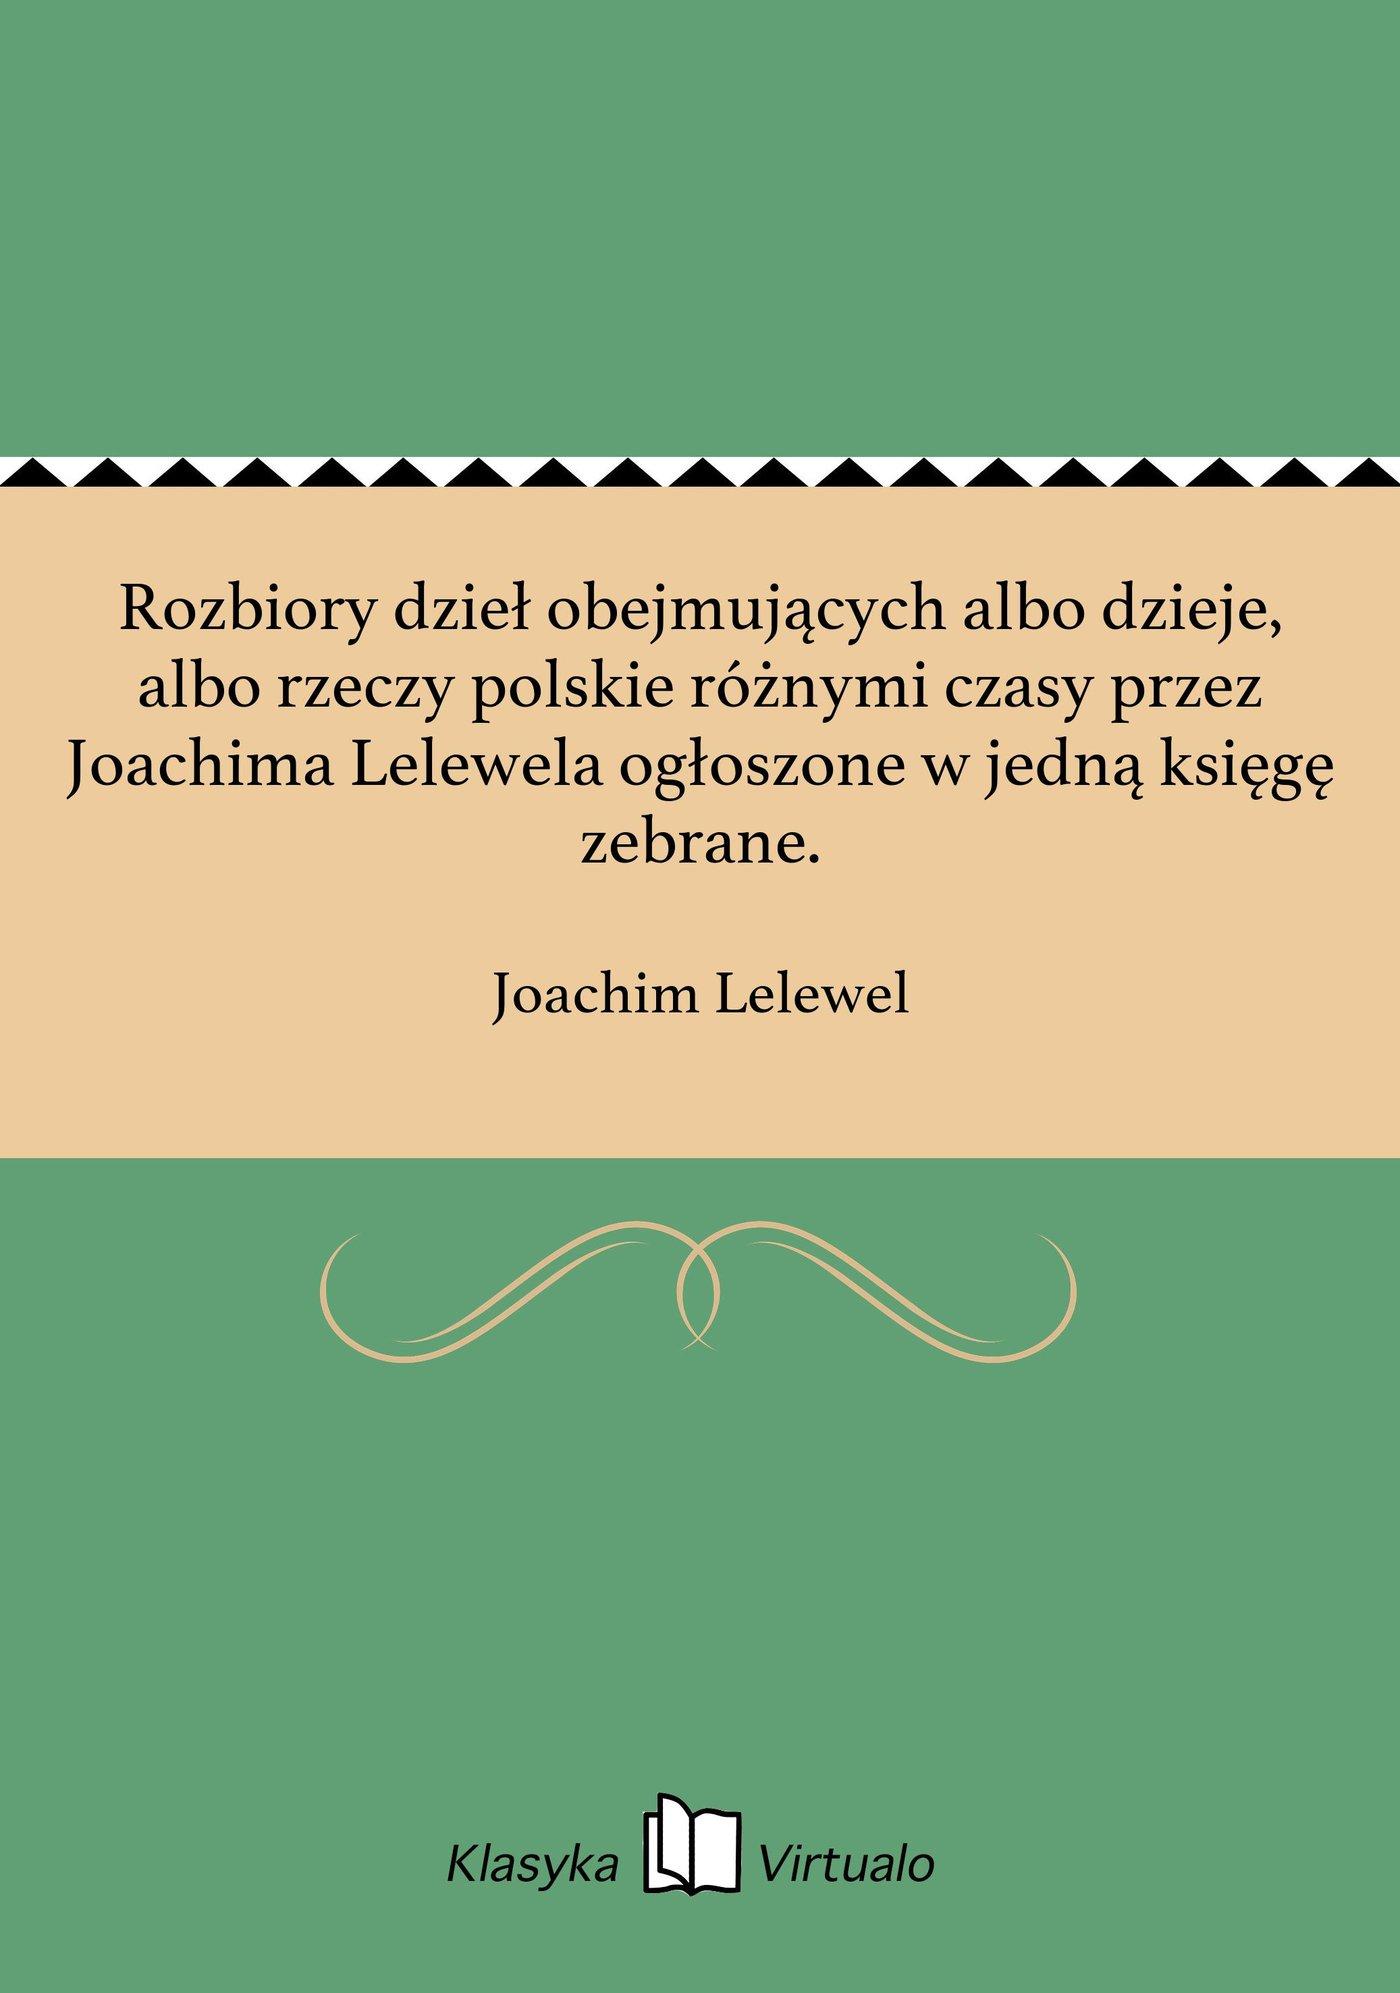 Rozbiory dzieł obejmujących albo dzieje, albo rzeczy polskie różnymi czasy przez Joachima Lelewela ogłoszone w jedną księgę zebrane. - Ebook (Książka na Kindle) do pobrania w formacie MOBI